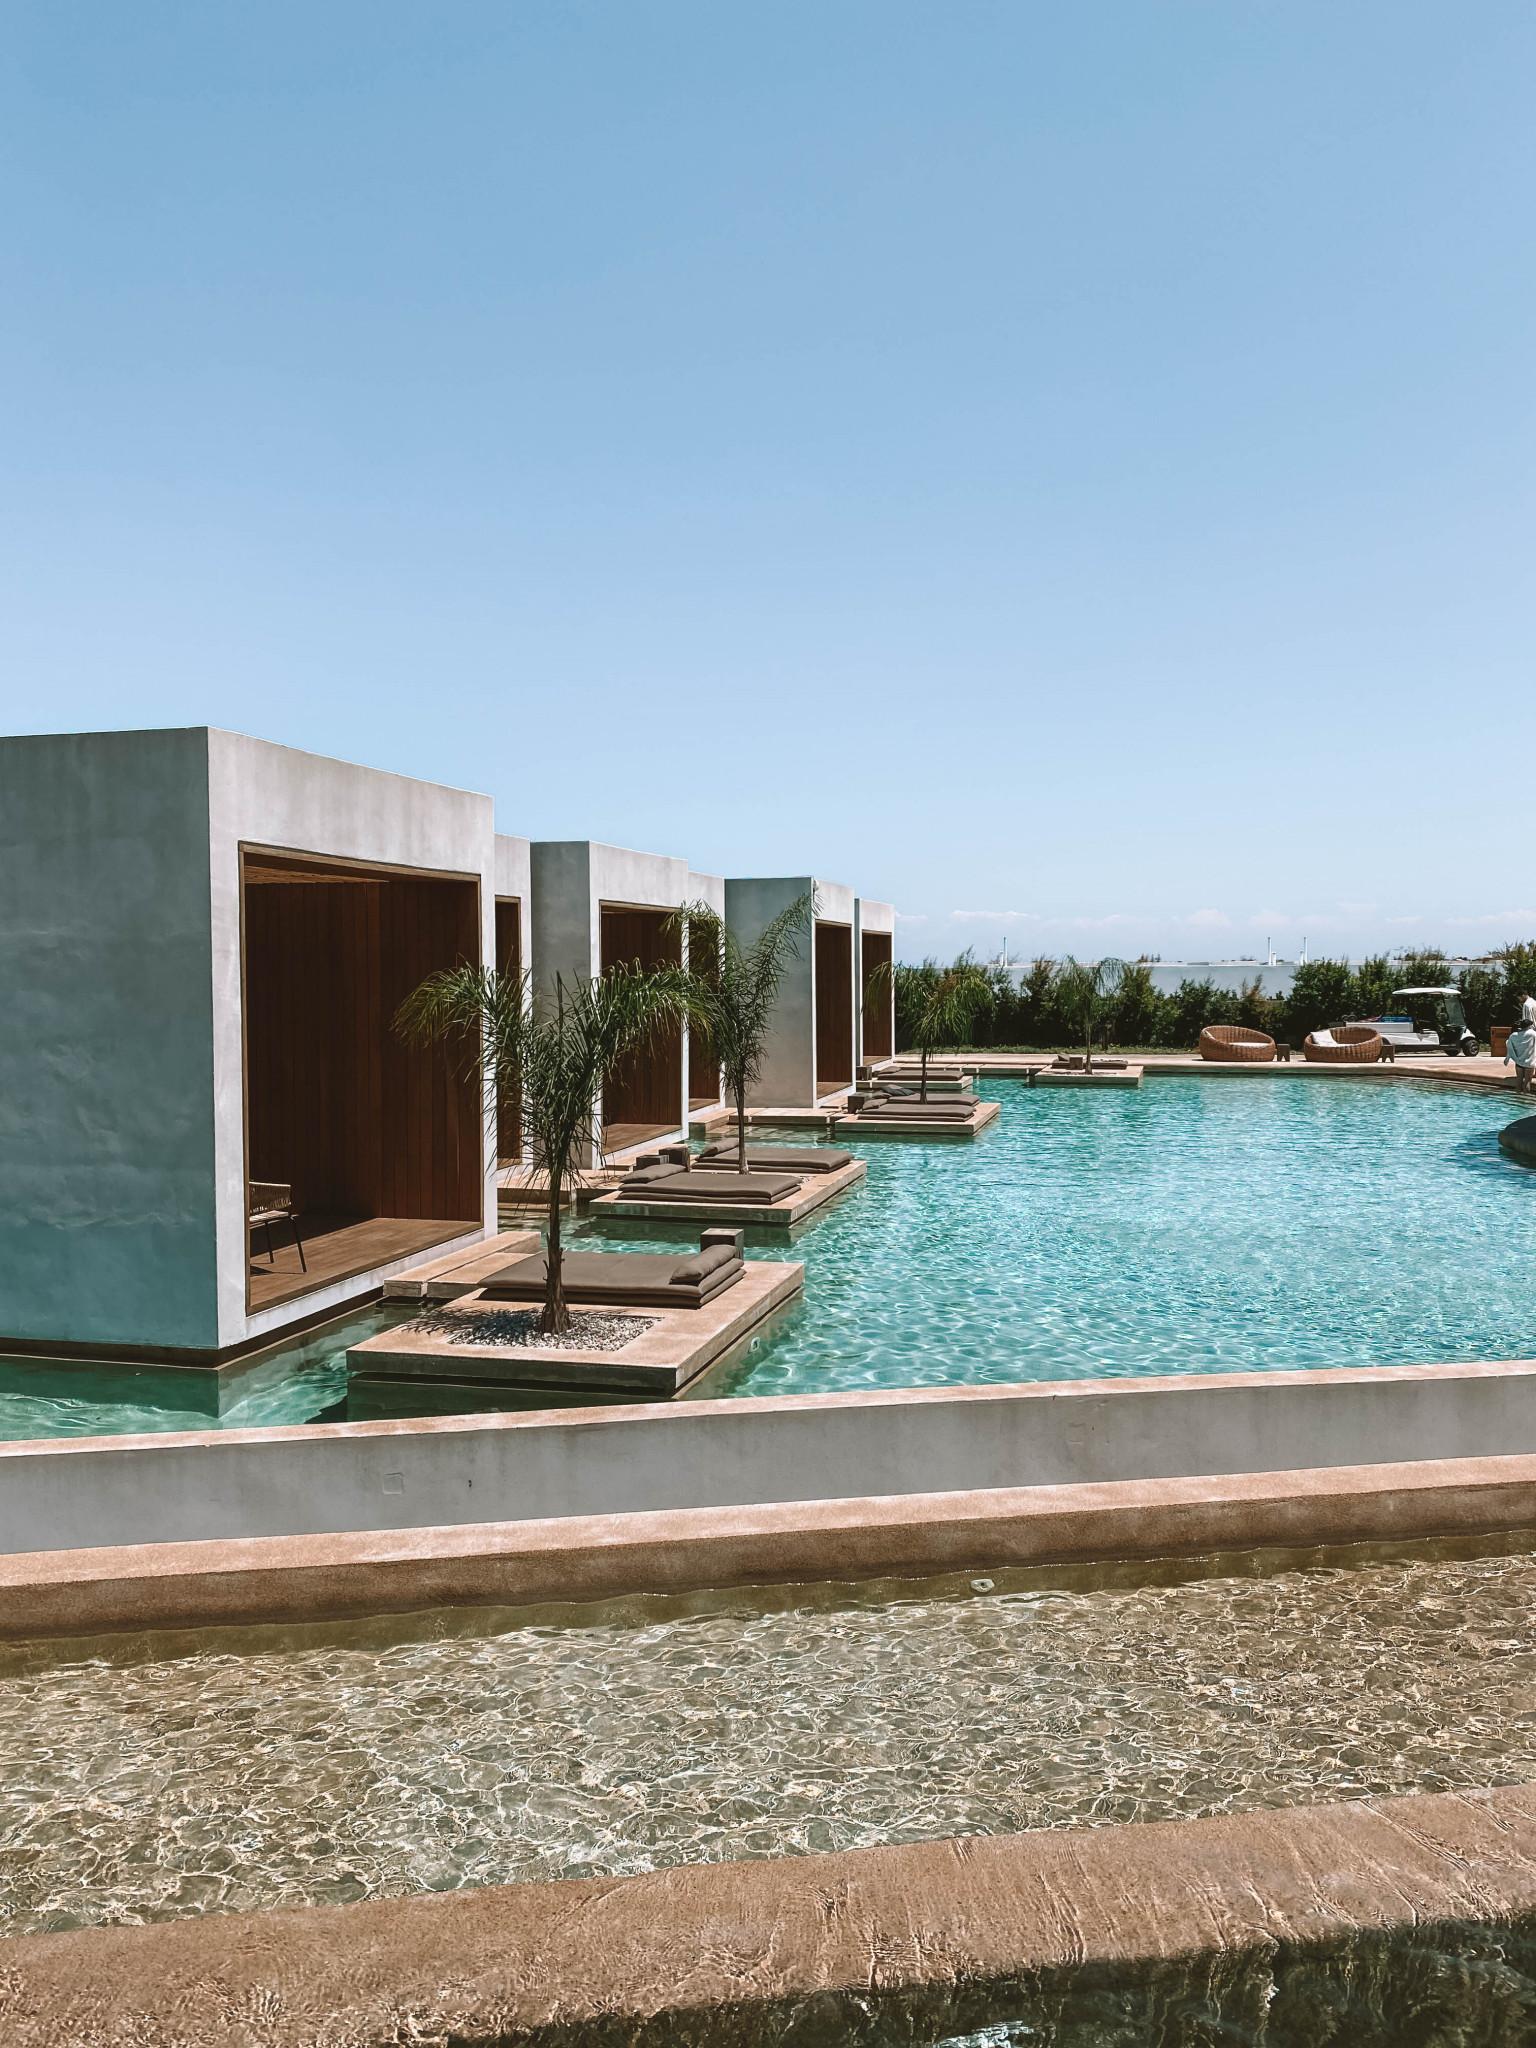 Grèce : Olea All Suite Hotel, bijou de design et de sérénite sur l'île de Zakynthos - 1